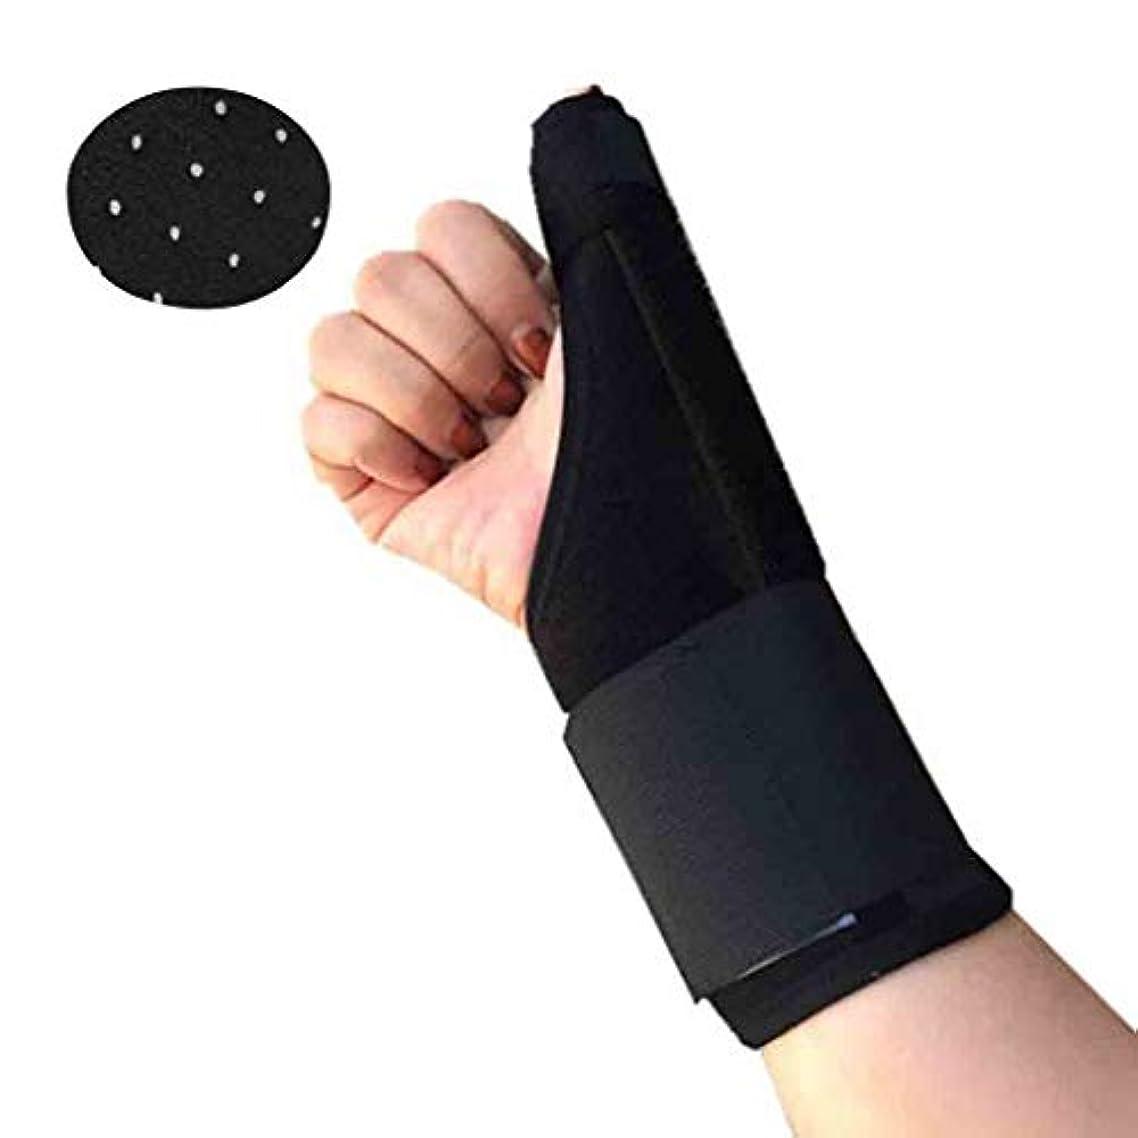 岸同等のトリップ関節炎のThumbスプリントは、手根管トンネルのThumb関節Thumbブレースを固定する手首の痛みの救済は、右手と左手の両方にフィット Roscloud@